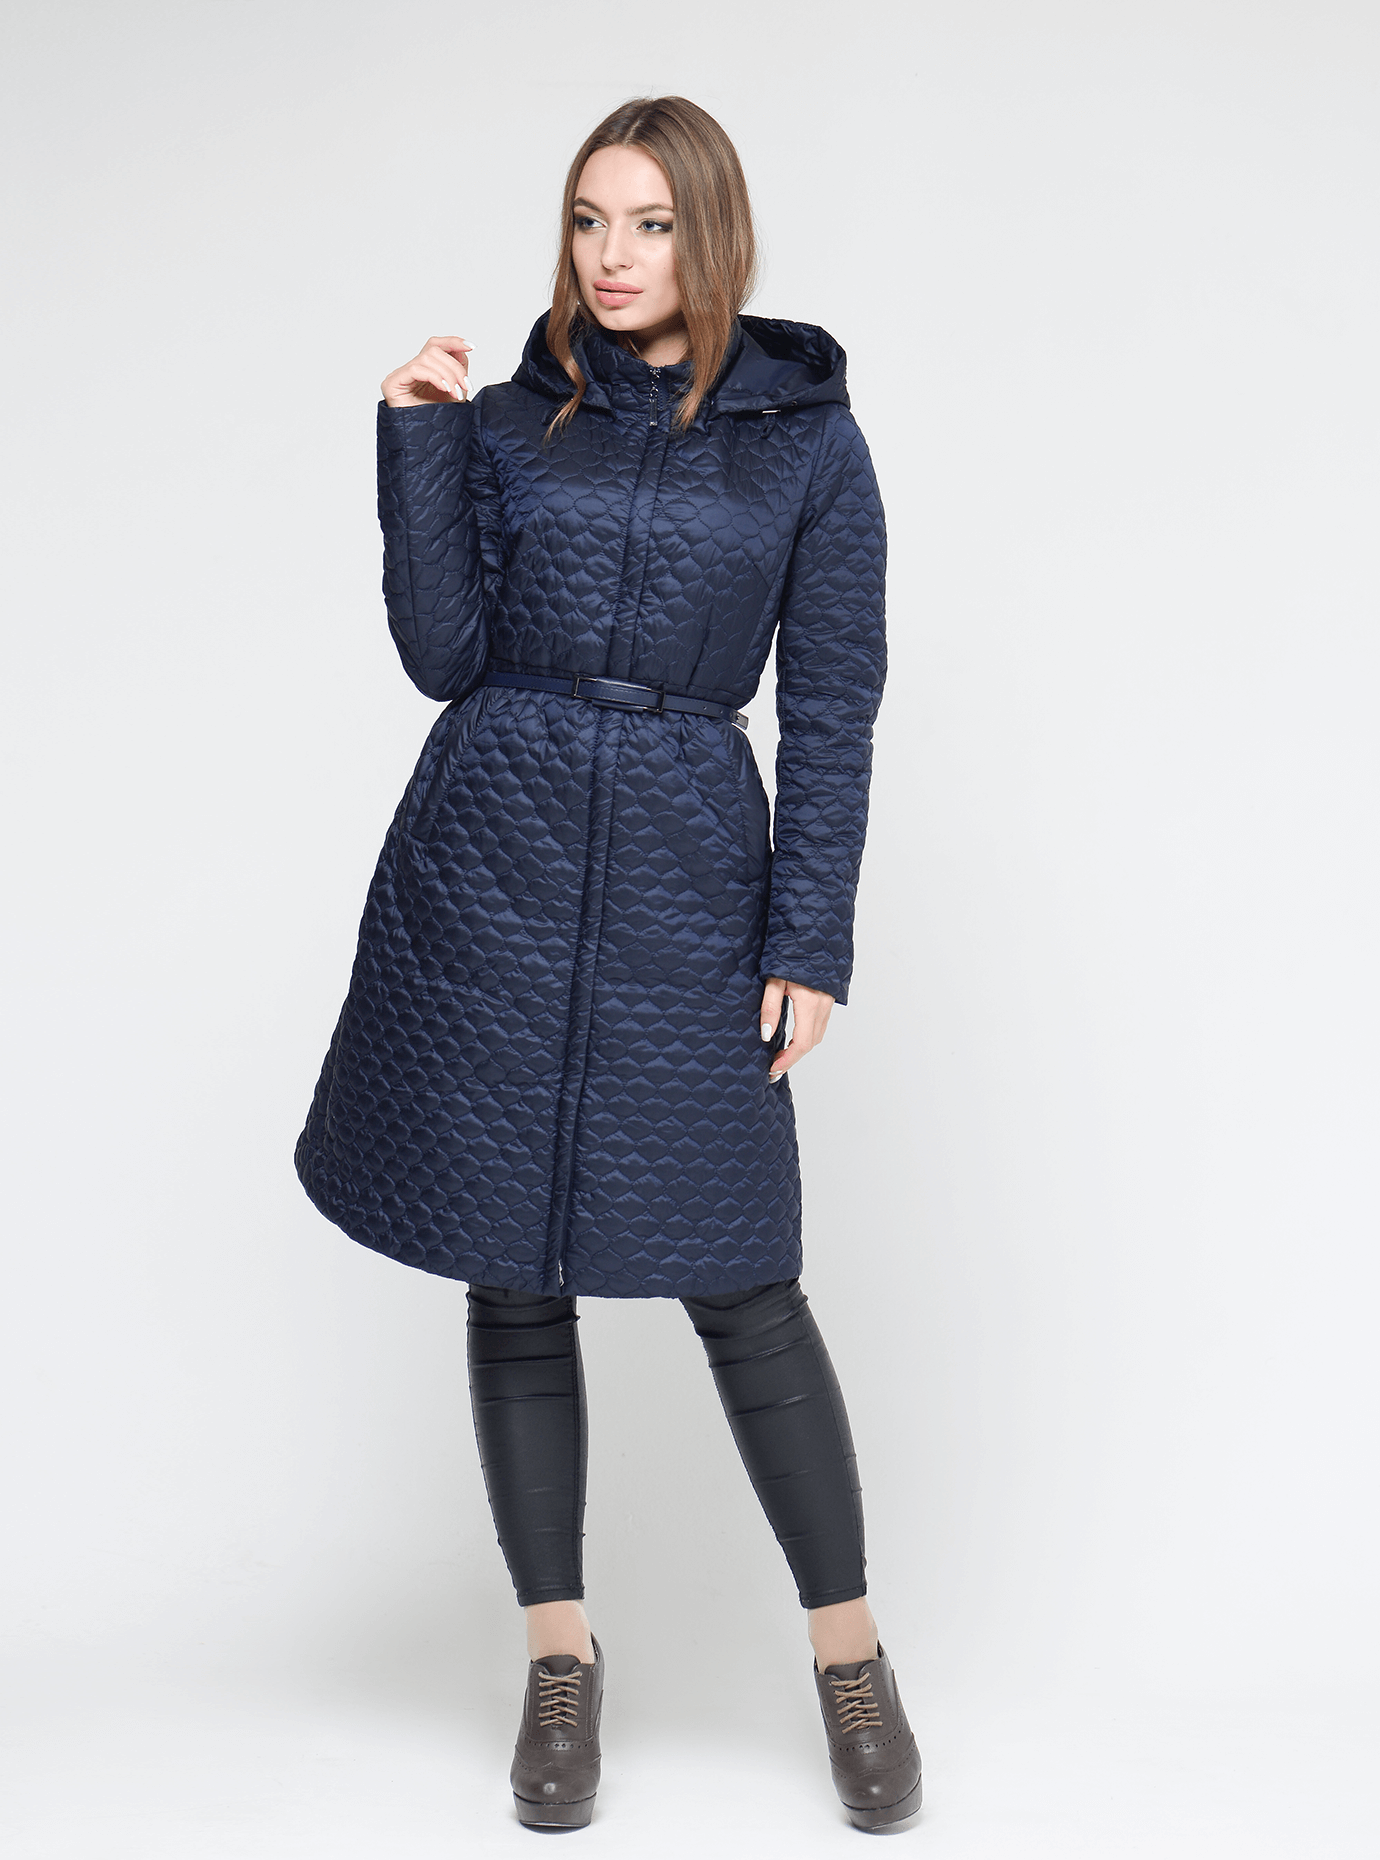 Куртка женская демисезонная ячеиская стёжка Тёмно-синий M (02-CD18032): фото - Alster.ua